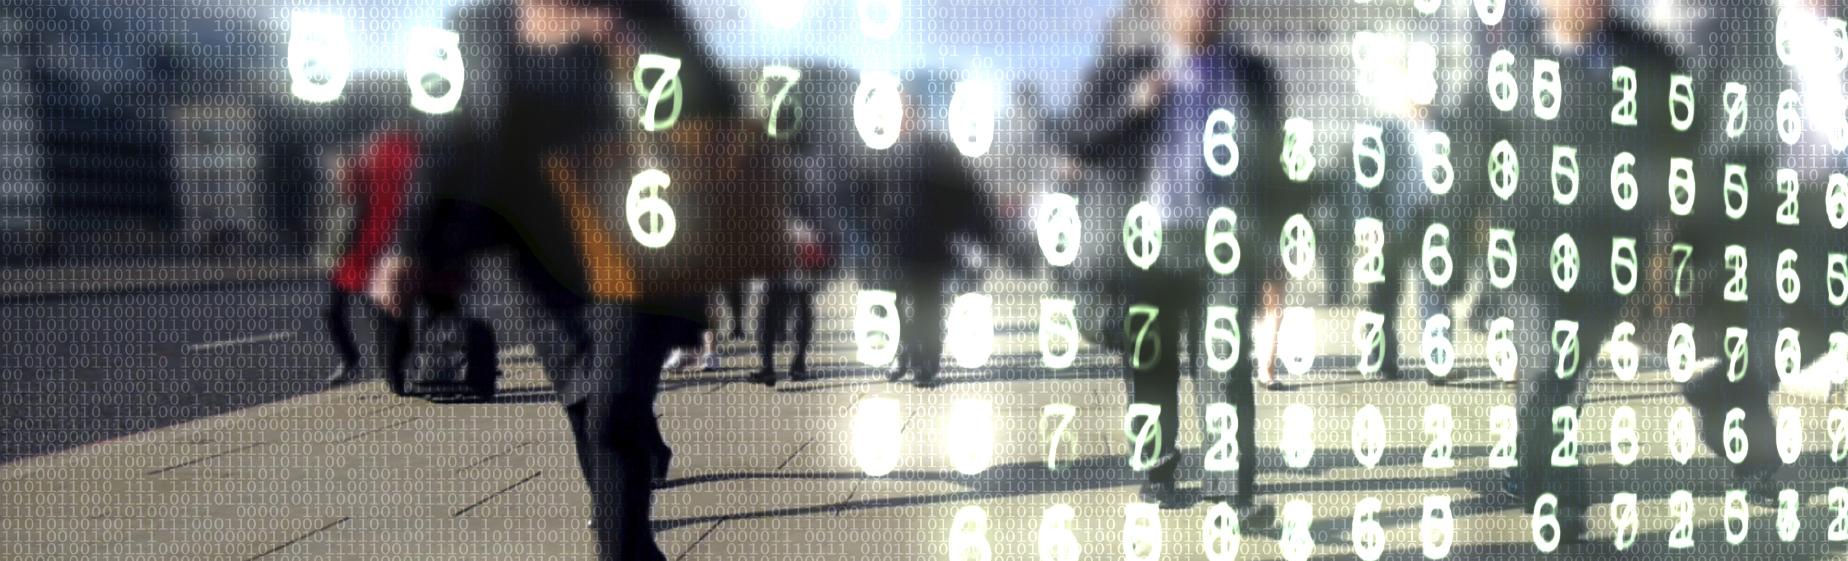 dataclearnewheader2